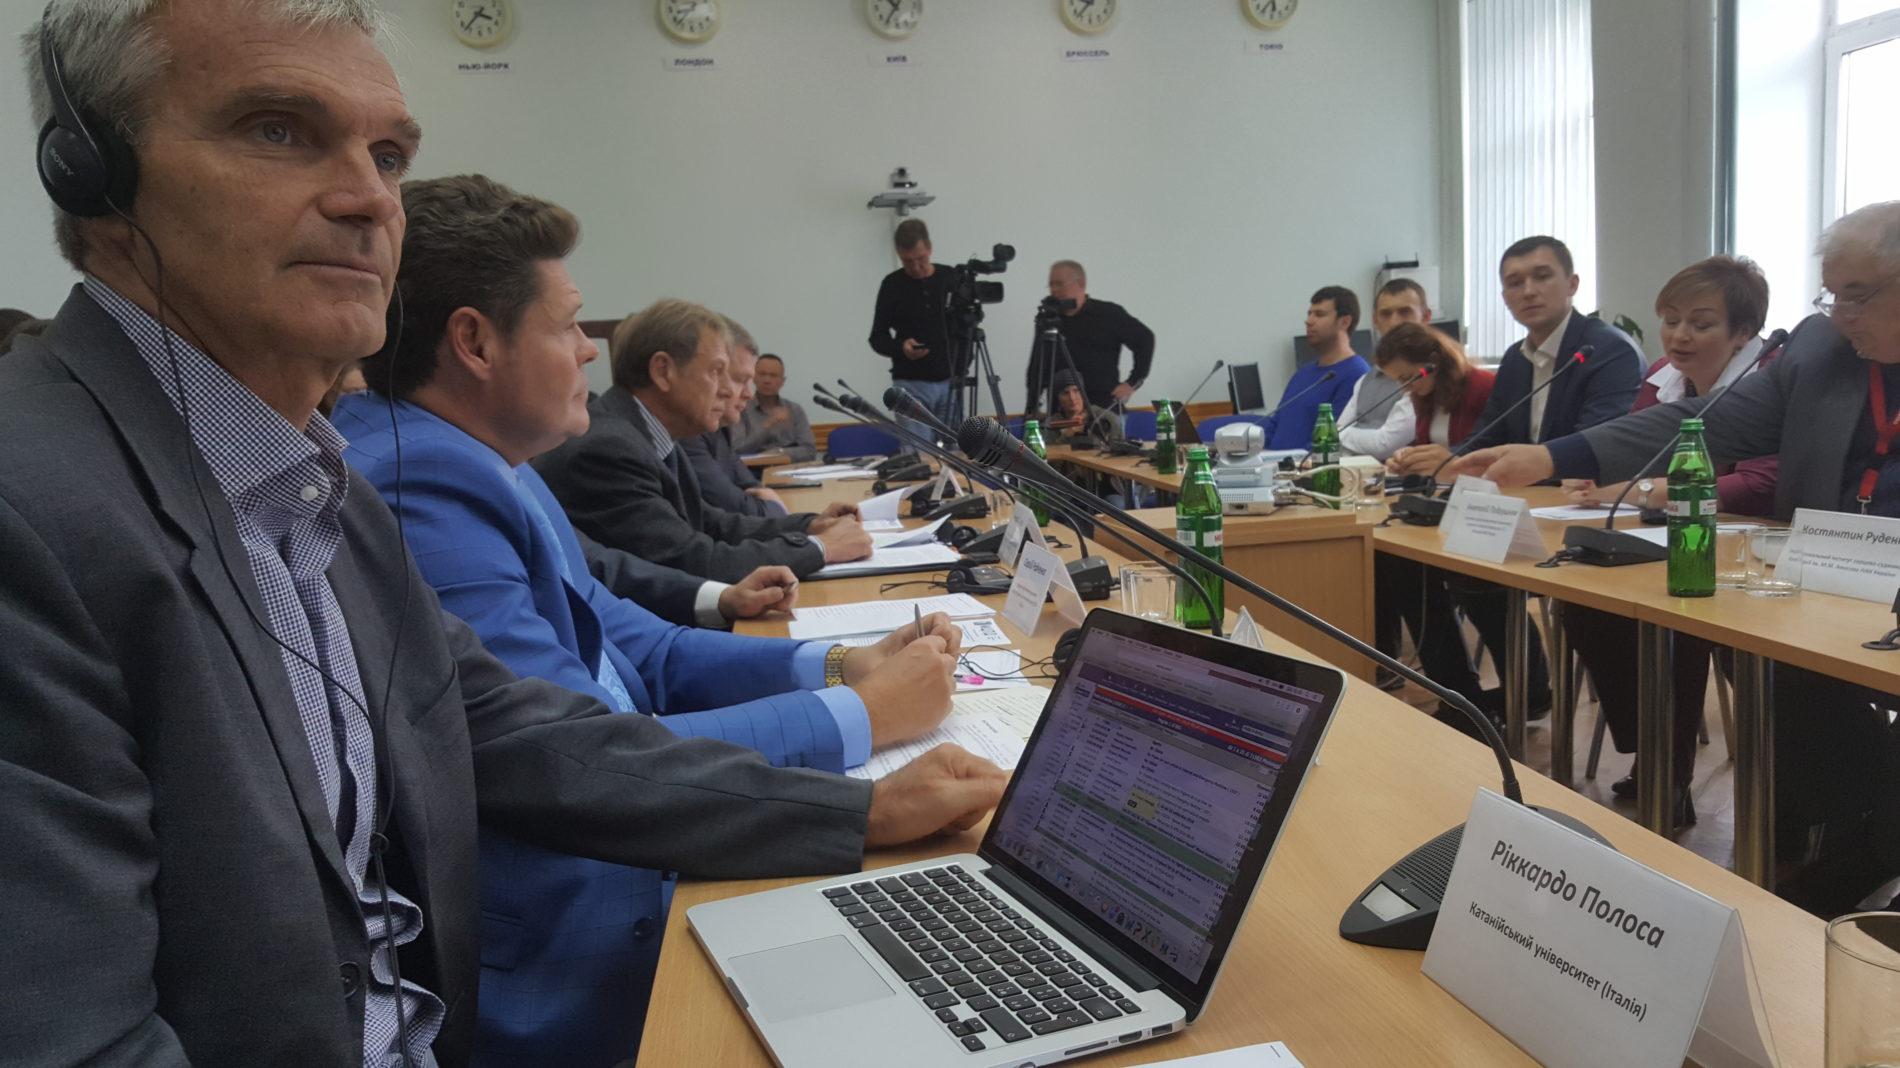 Polosa e Farsalinos incontrano a Kiev esperti di salute pubblica e cardiologi